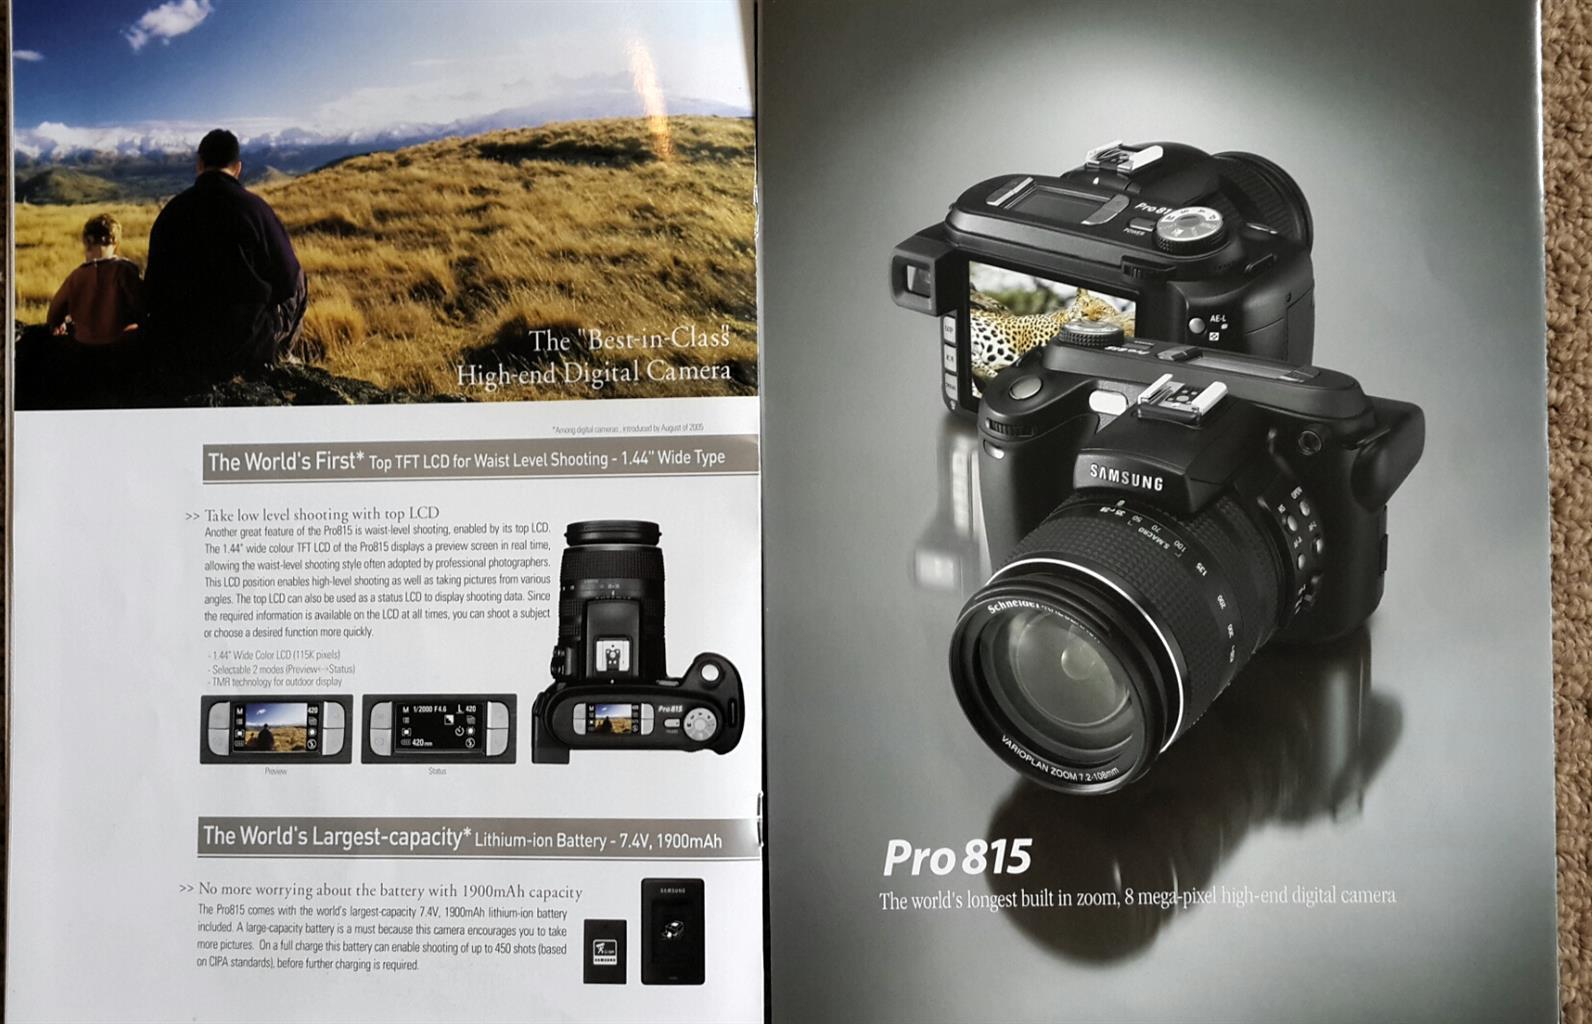 SAMSUNG PRO 815 Digital camera